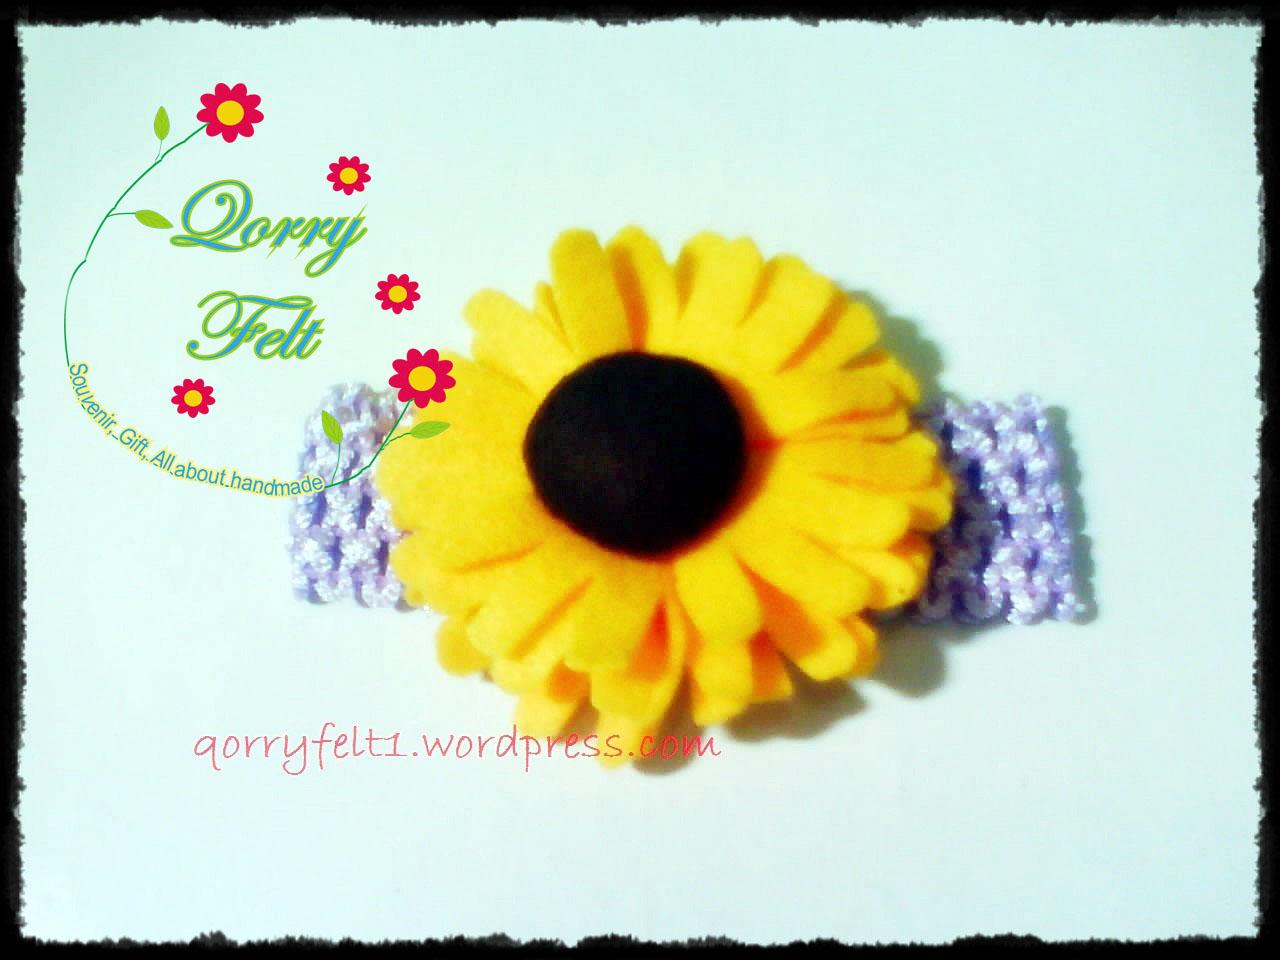 Bandana Bayi Headband Dengan Hiasan Bunga Cantik Qorry Felt N Craft